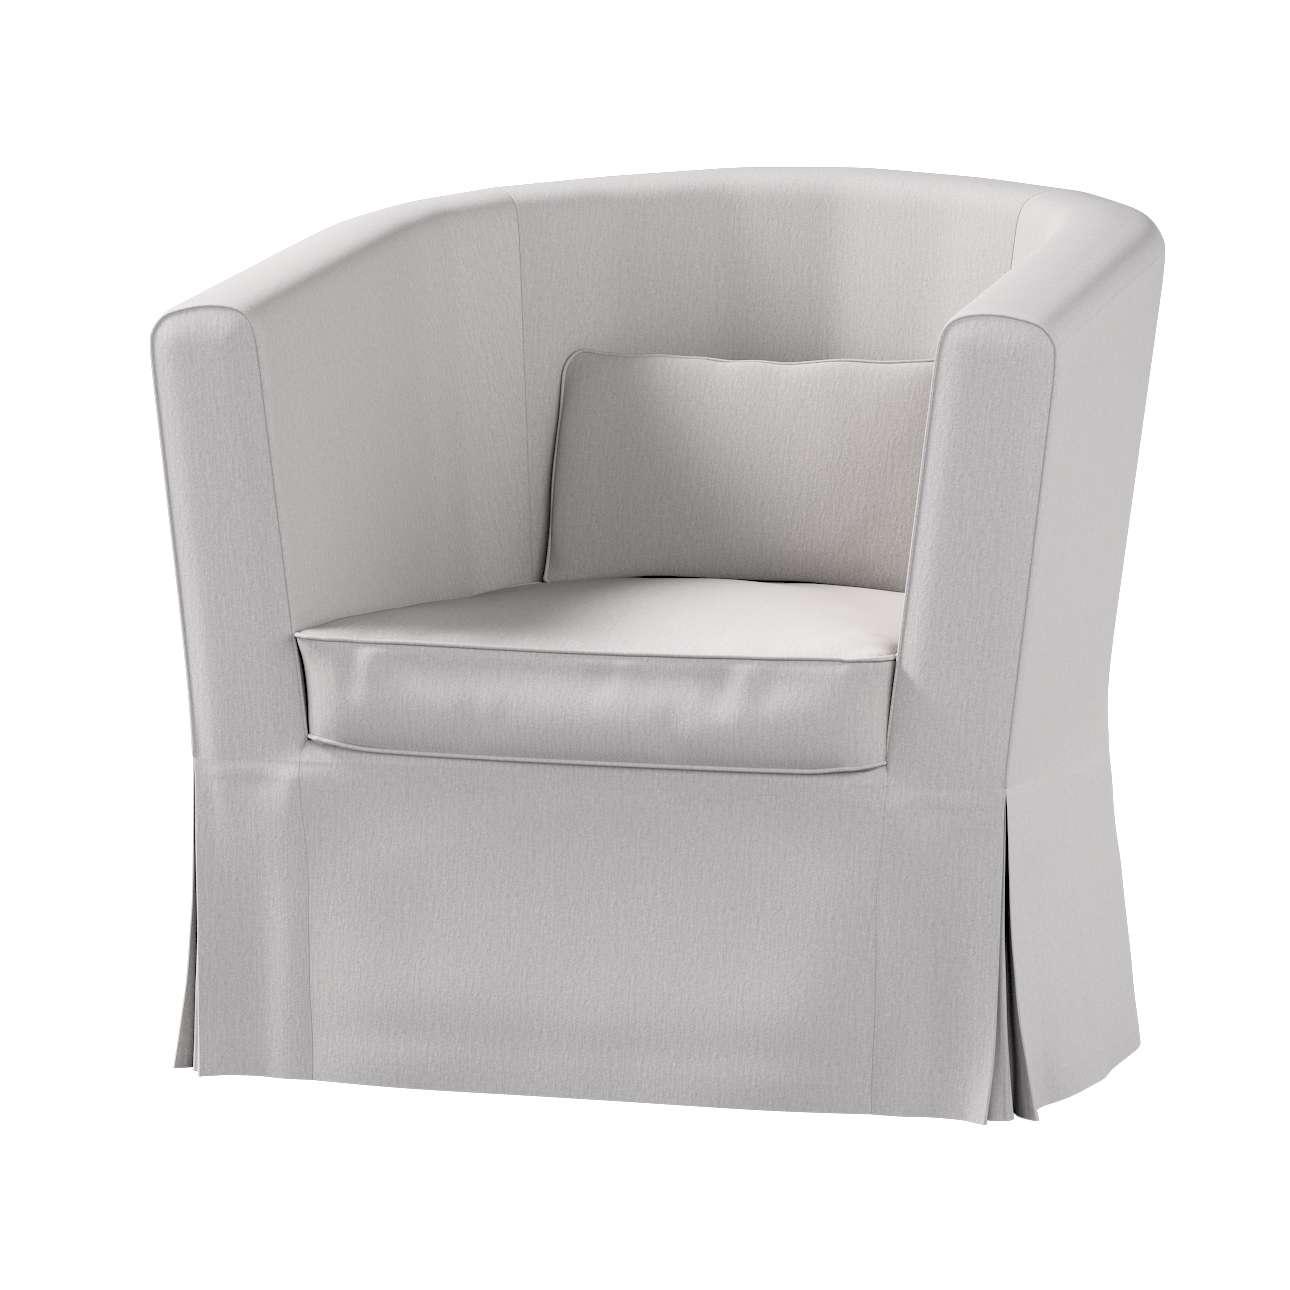 Ektorp Tullsta Sesselbezug Sesselhusse, Ektorp Tullsta von der Kollektion Chenille , Stoff: 702-23